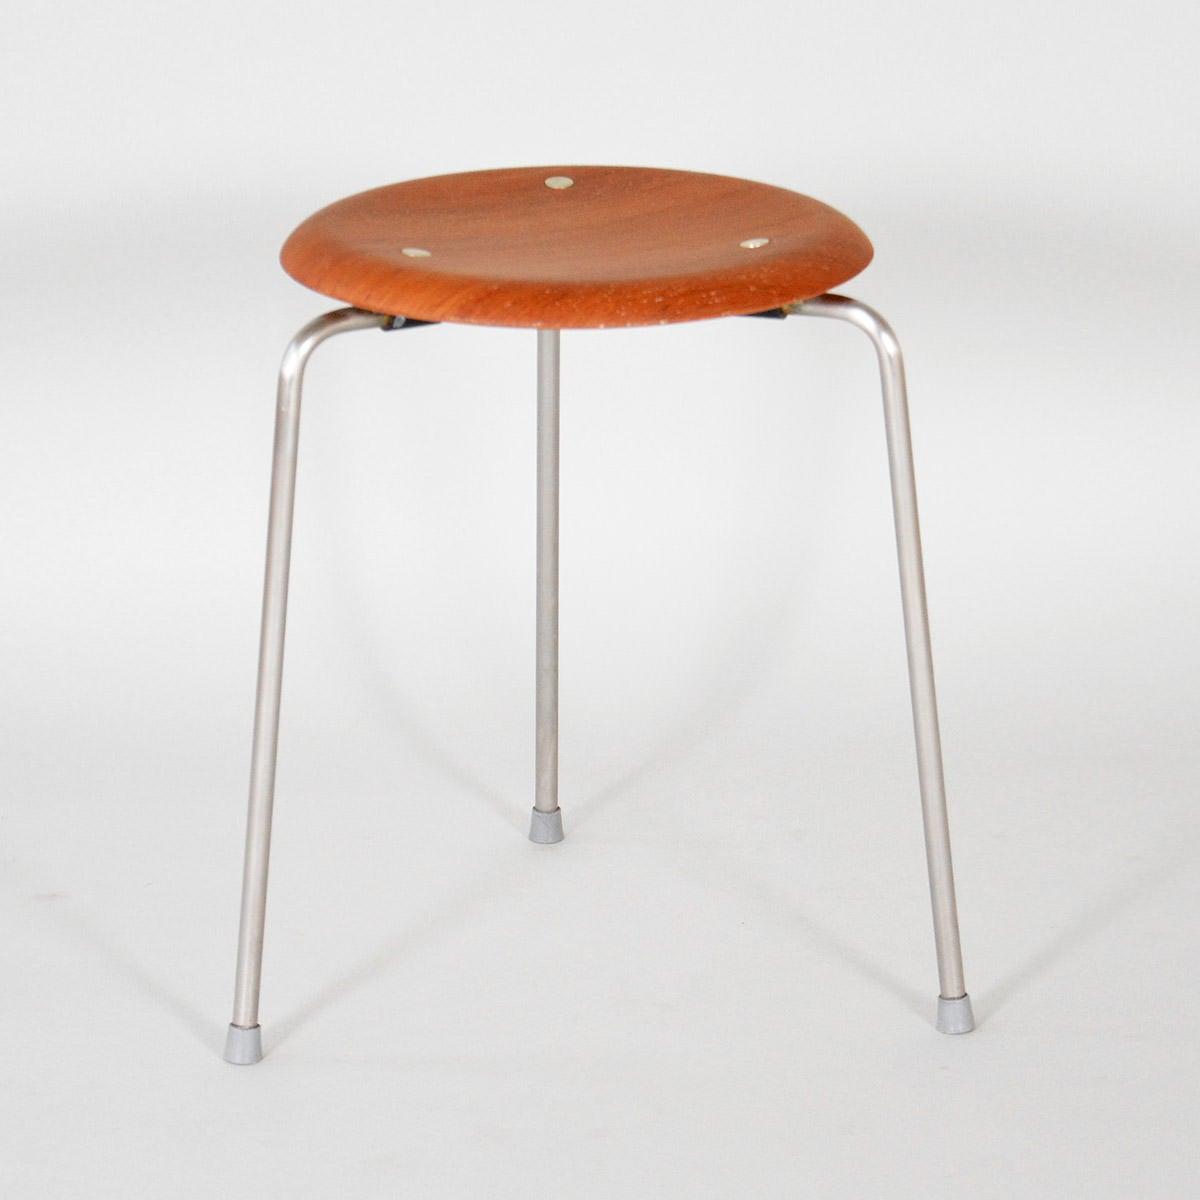 Dot Stool By Arne Jacobsen At 1stdibs